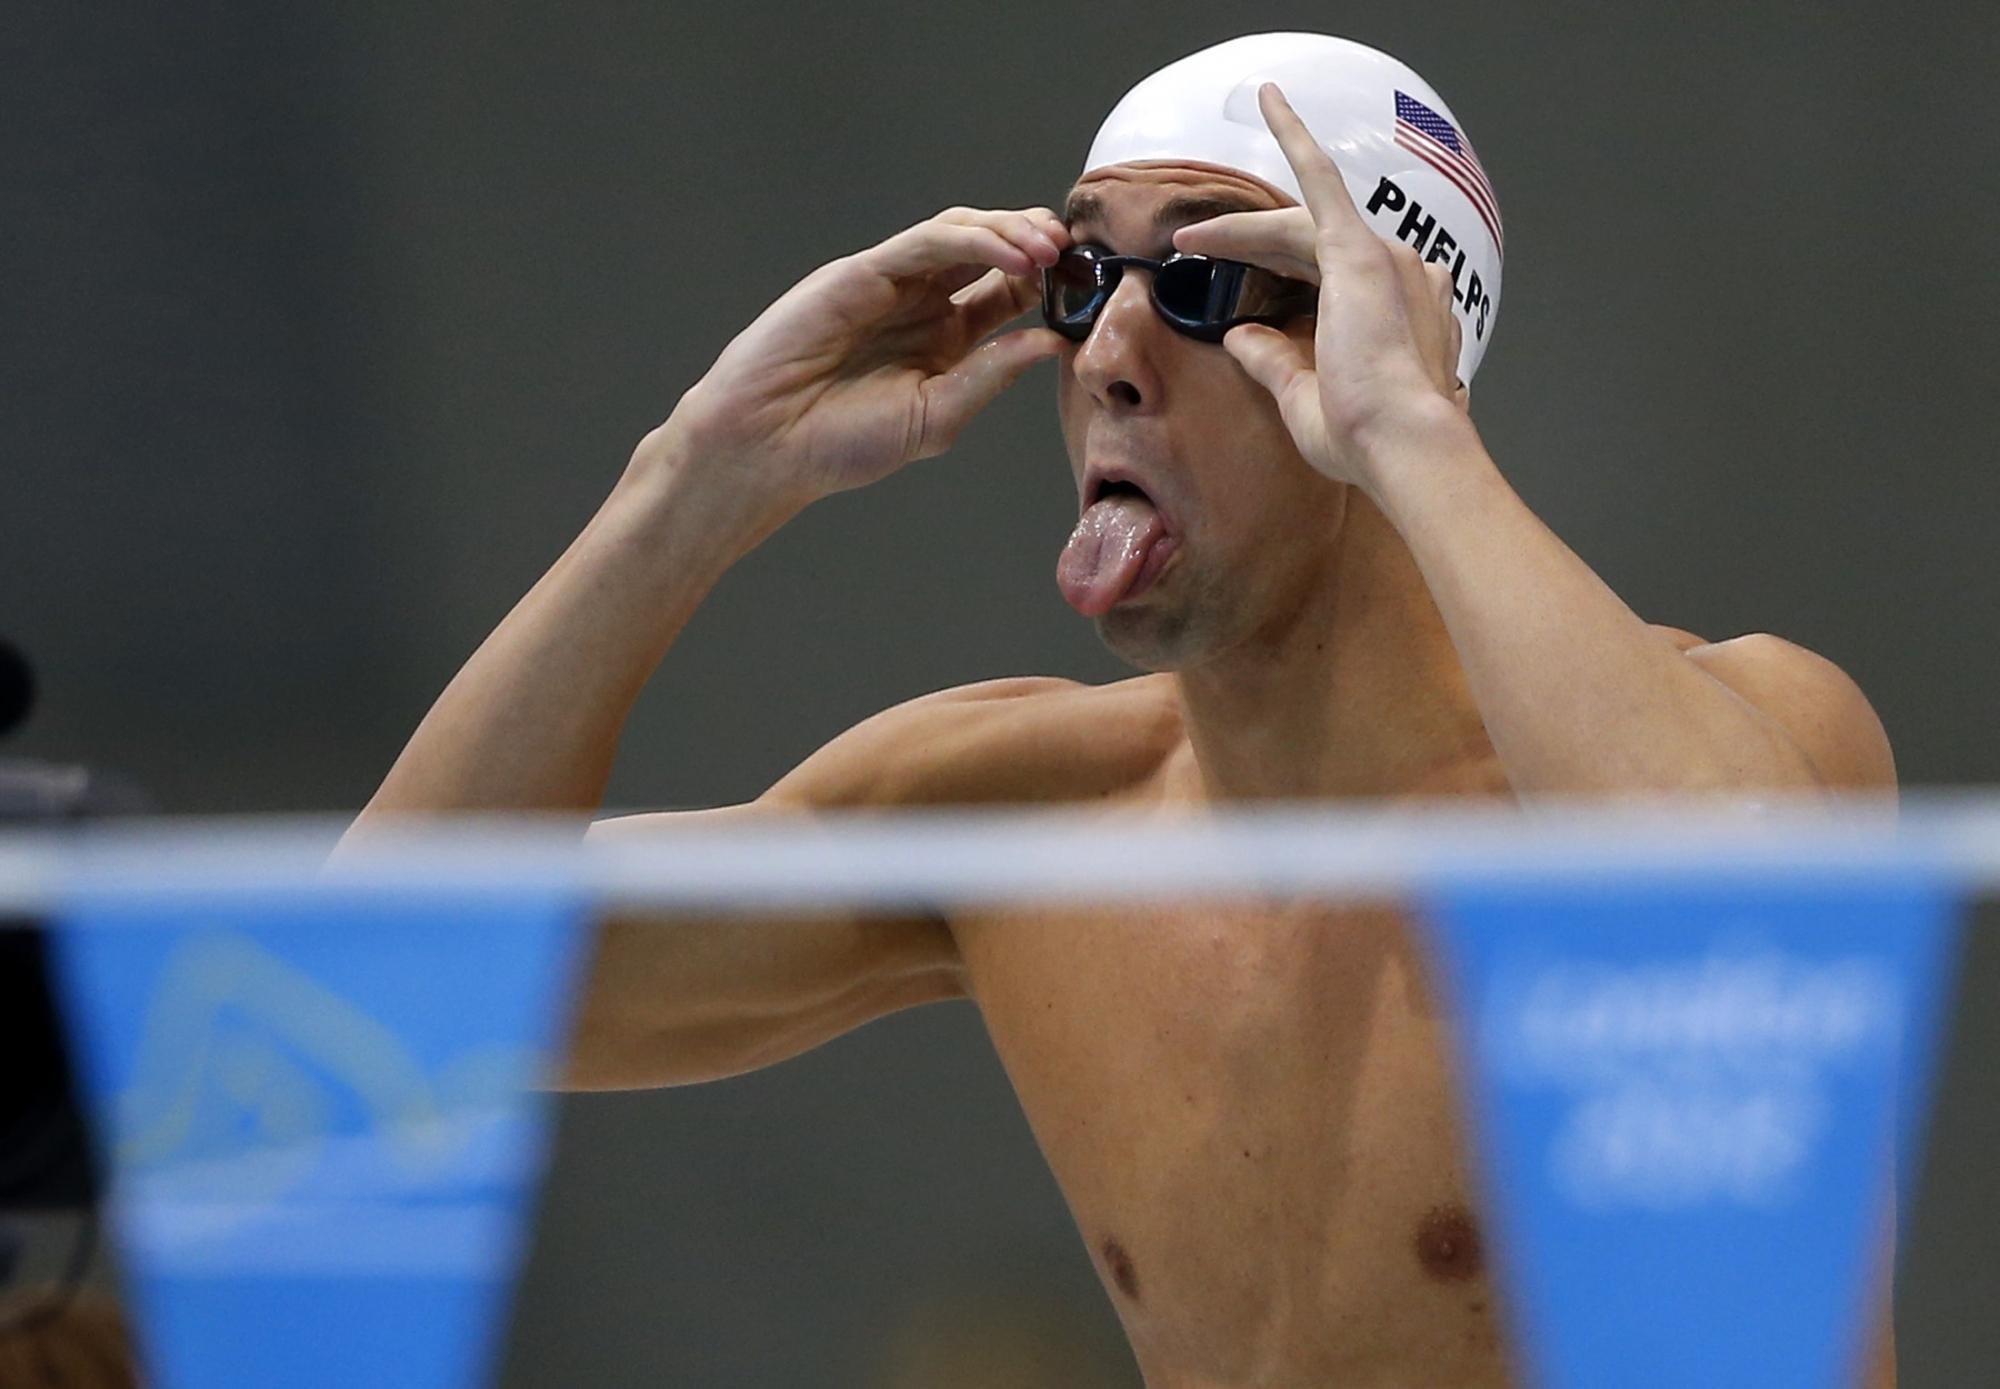 отличается смешные фото с олимпиады в рио спортсменов образом, заказать